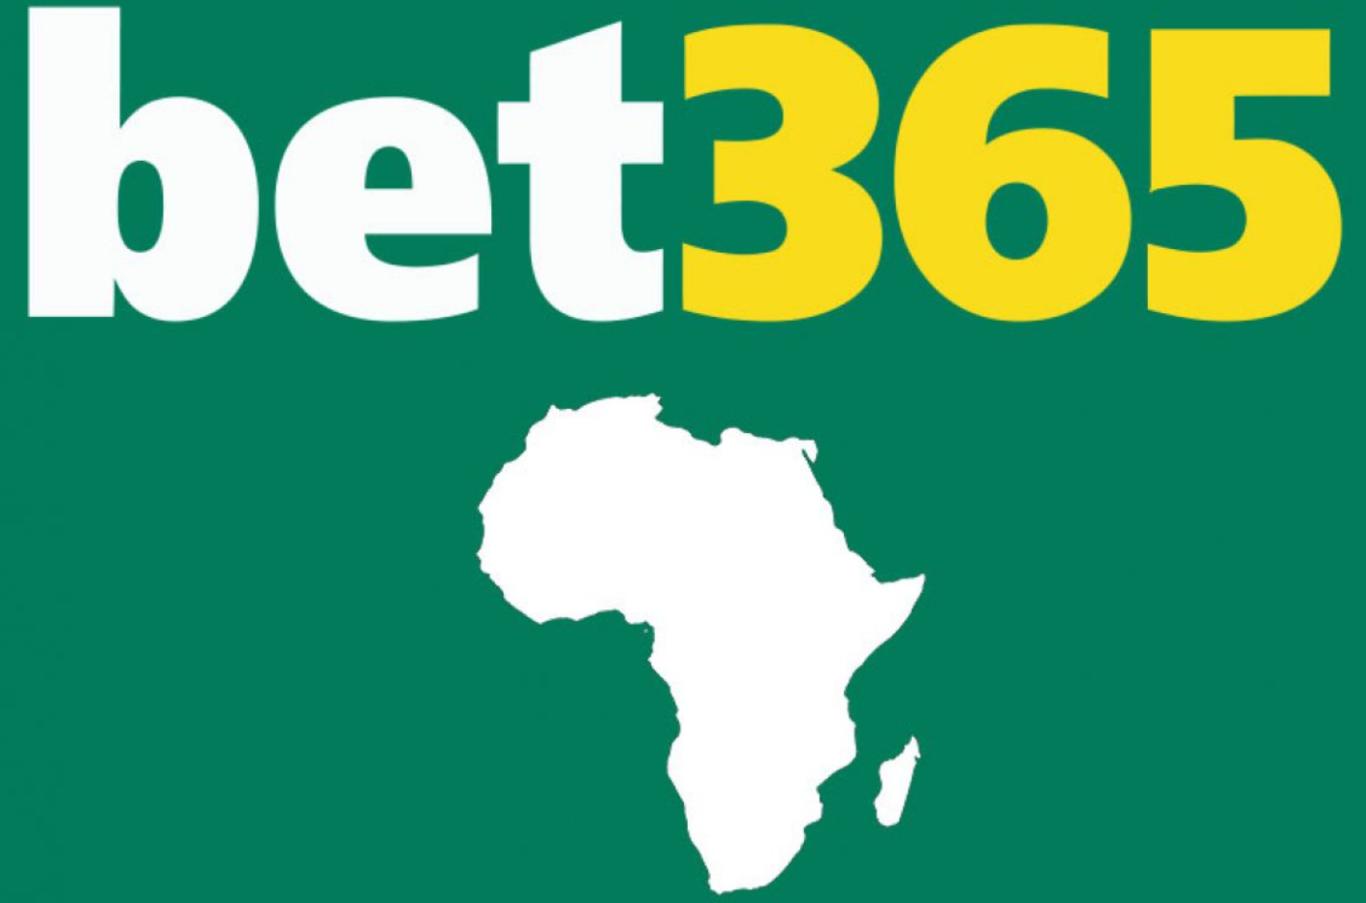 Жума сайындык Bet365 бонус слот-клубда: 1,2% чейин рибейт.